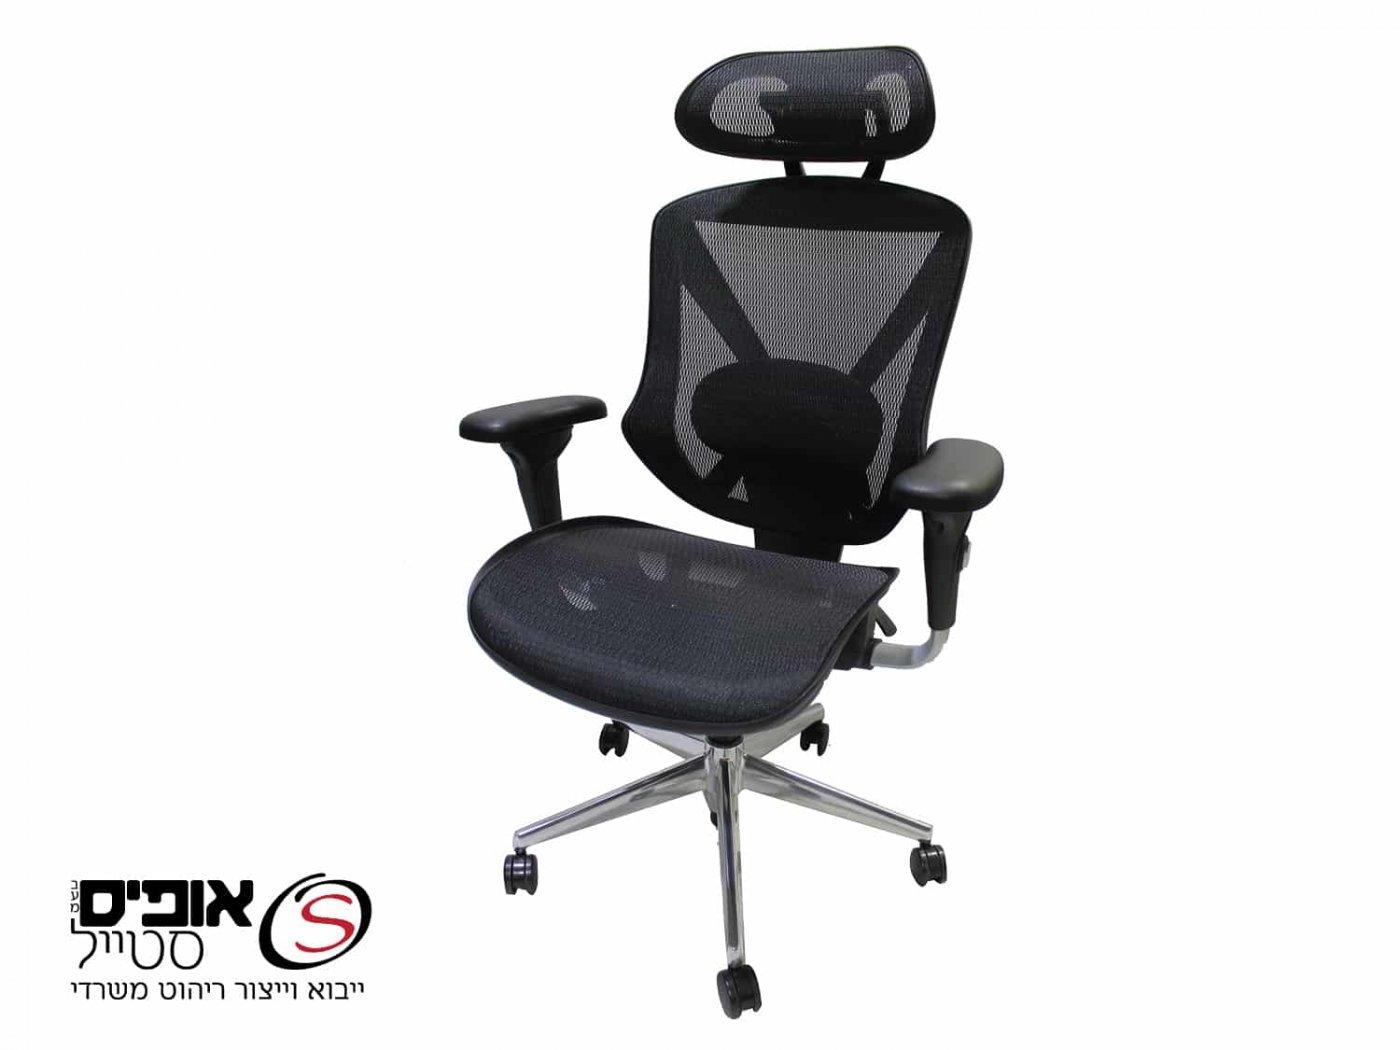 כסא מנהל דגם גלאקסי אלומיניום